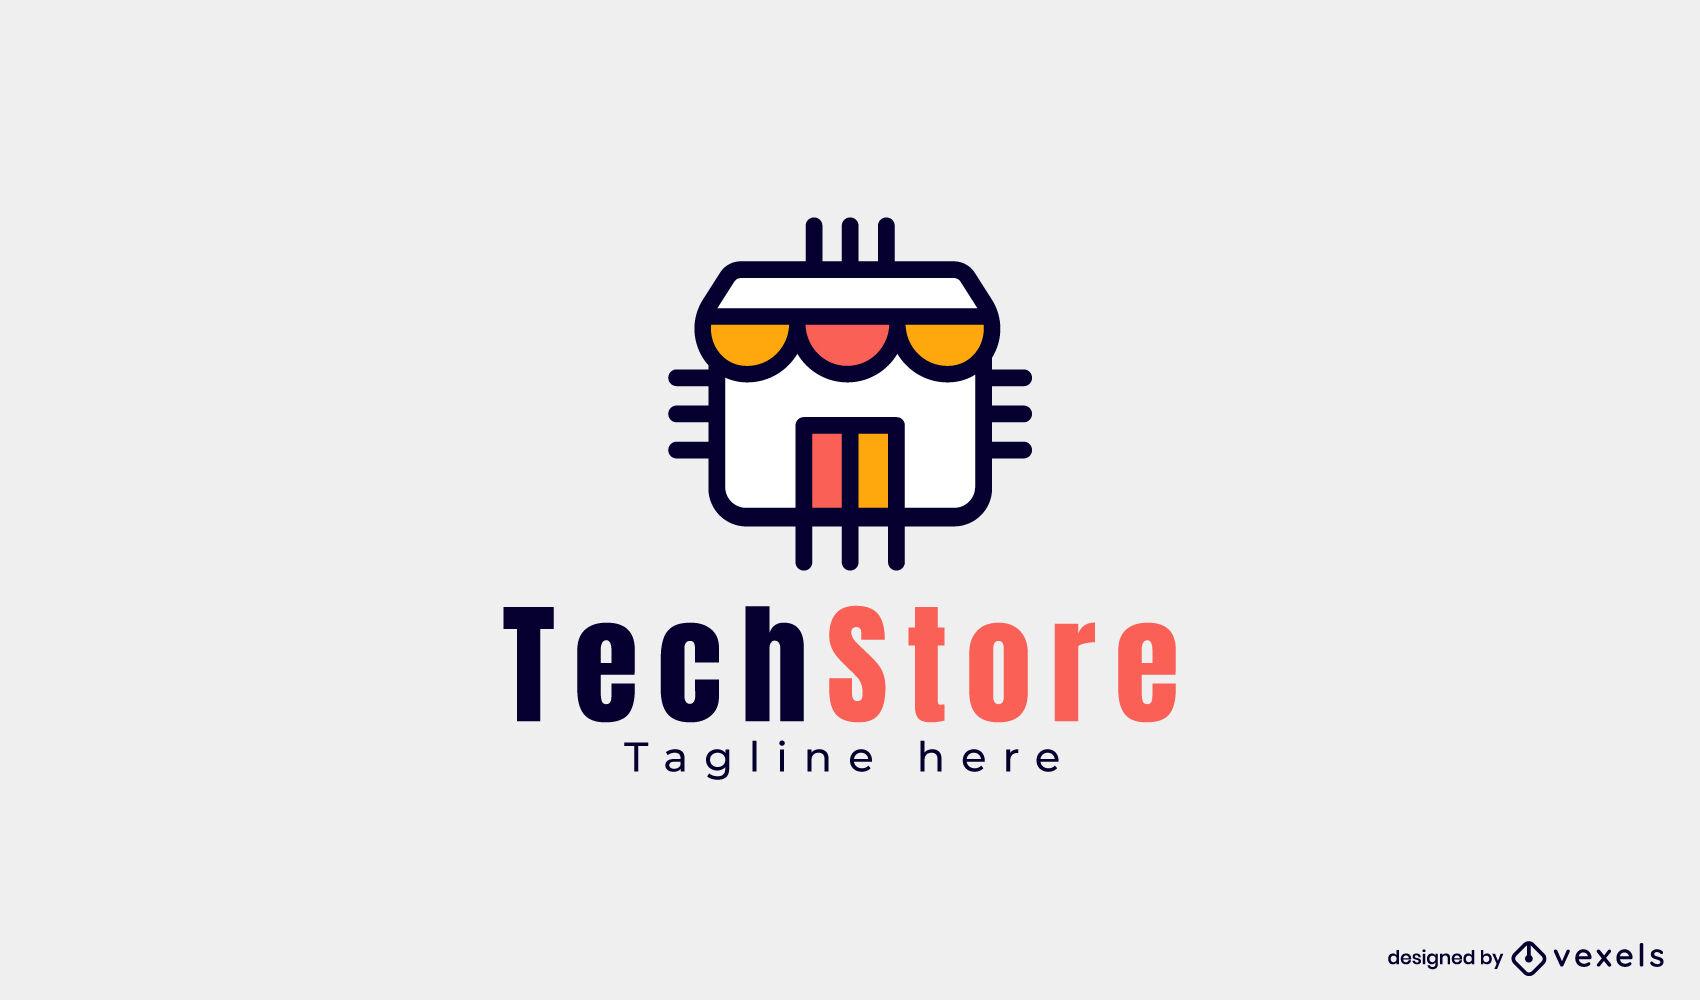 Plantilla de logotipo de tienda de tienda de tecnología